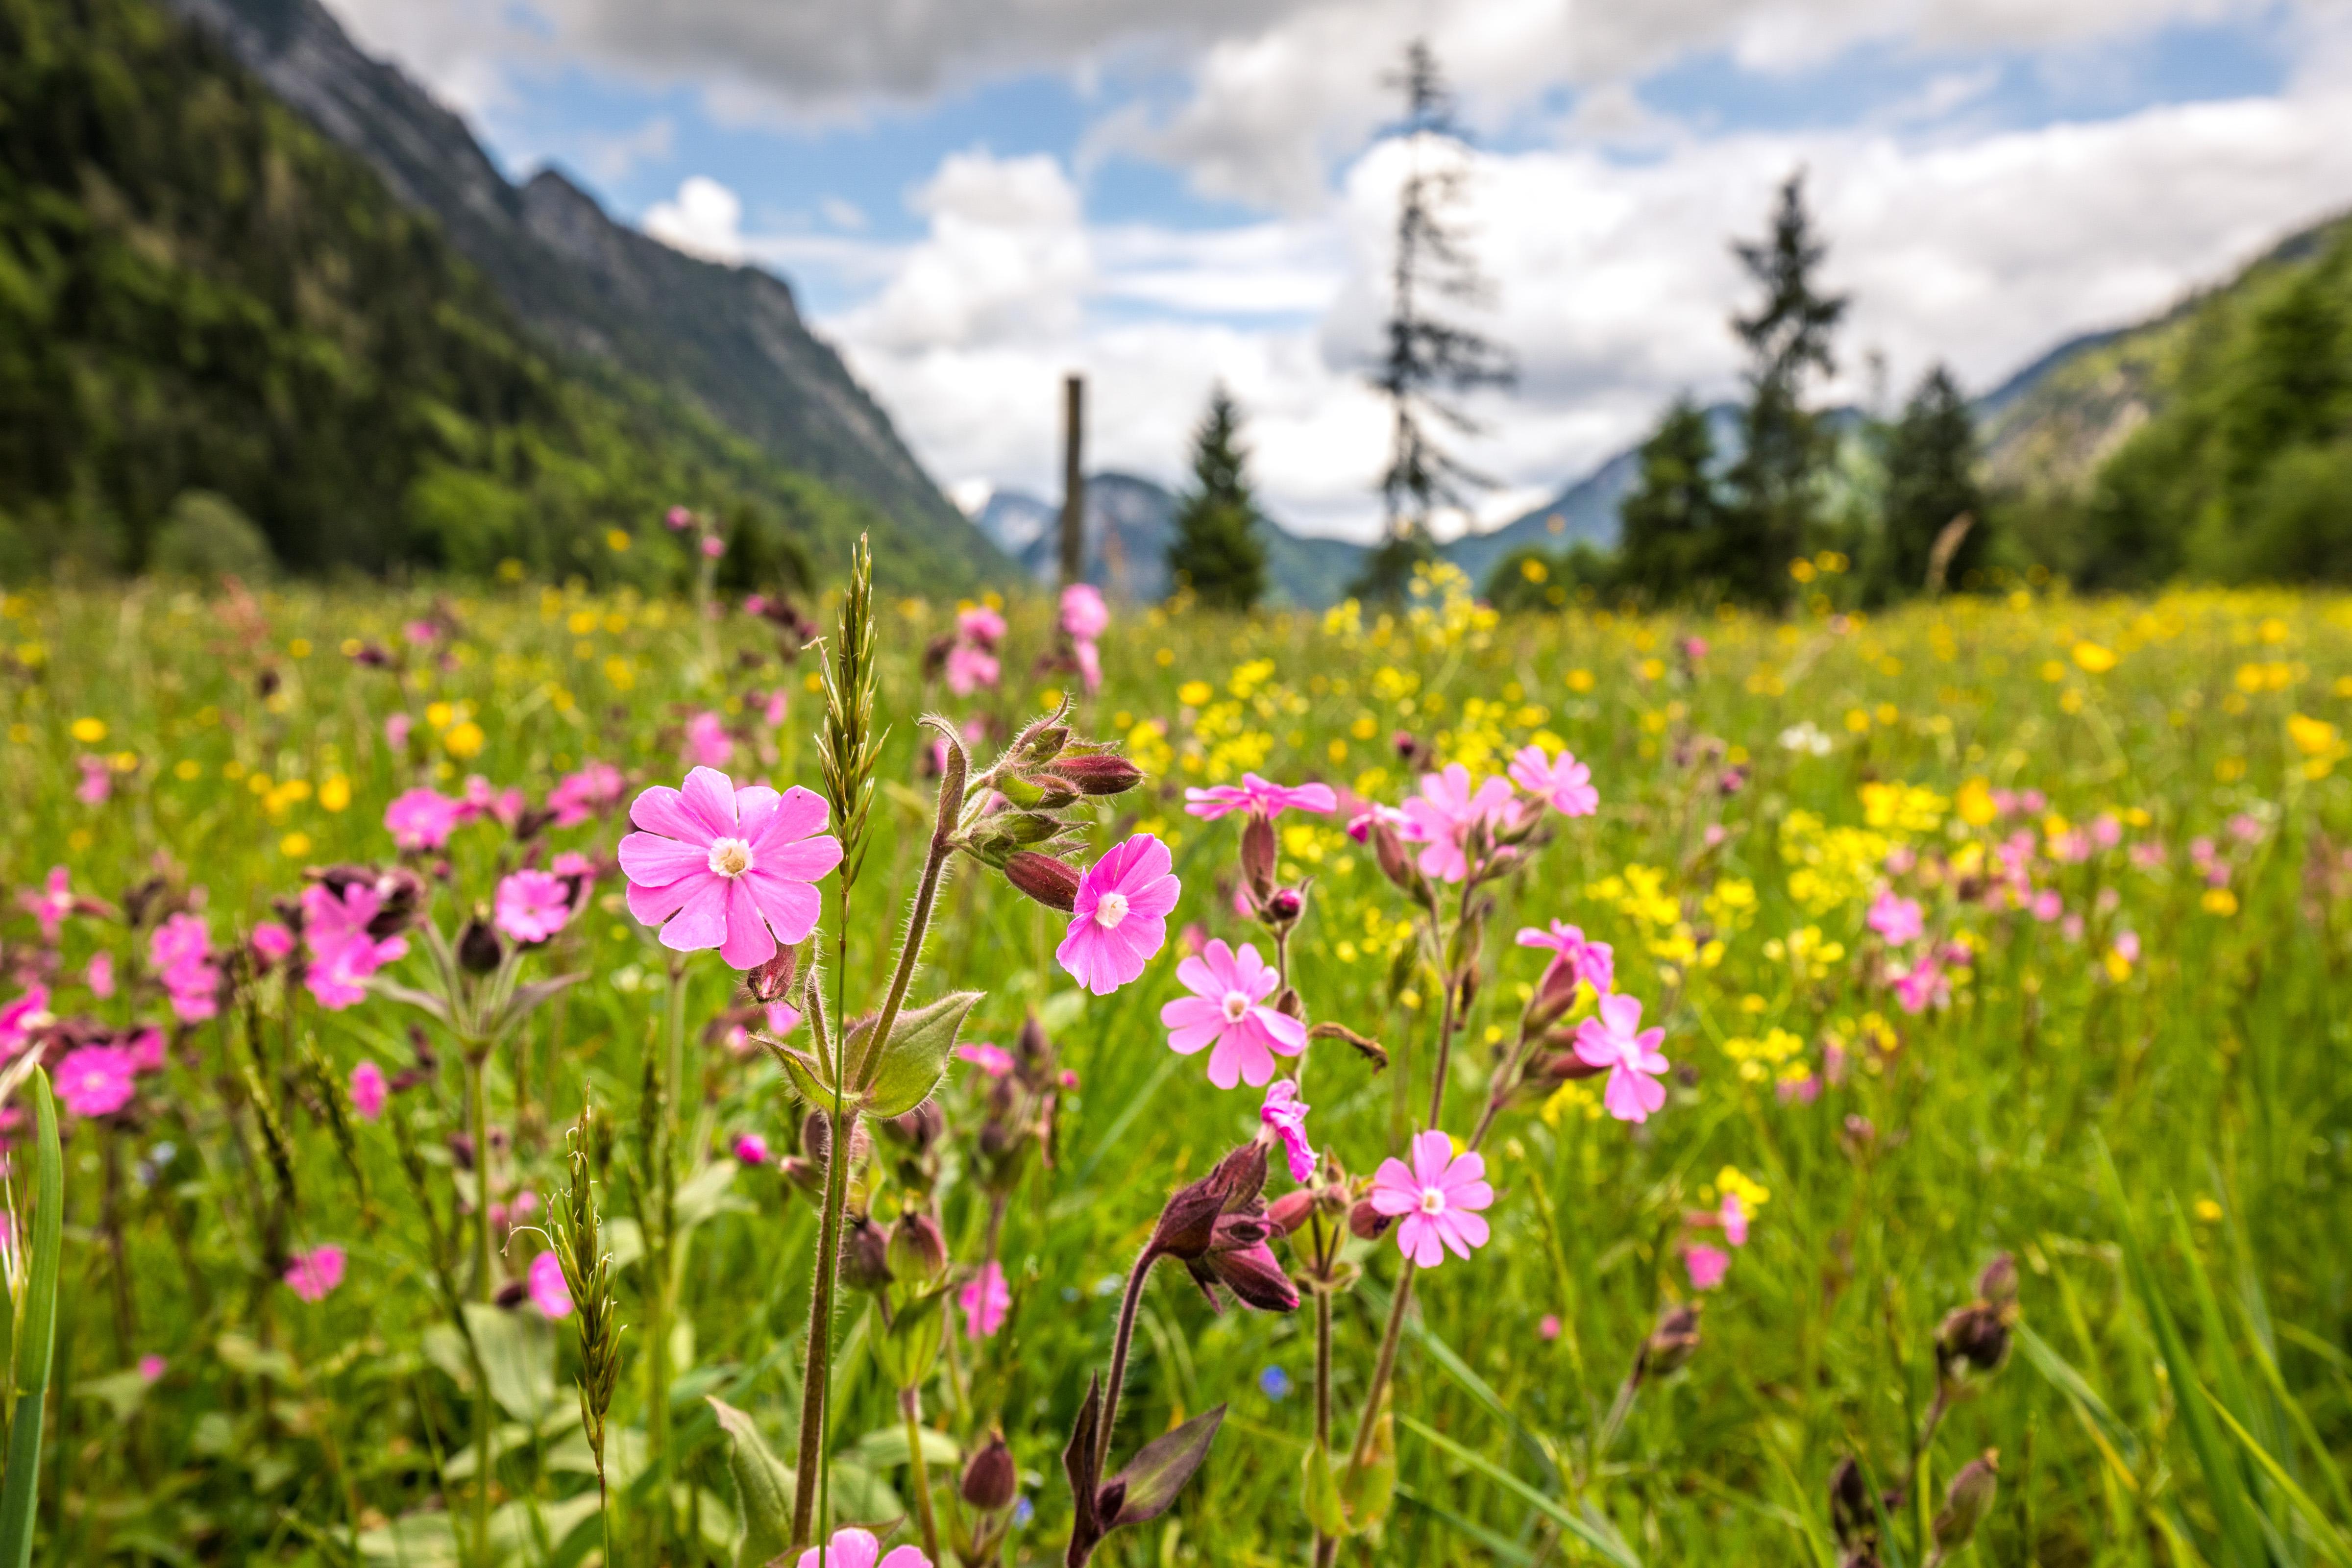 Bergblumenwanderung auf dem Rauschberg